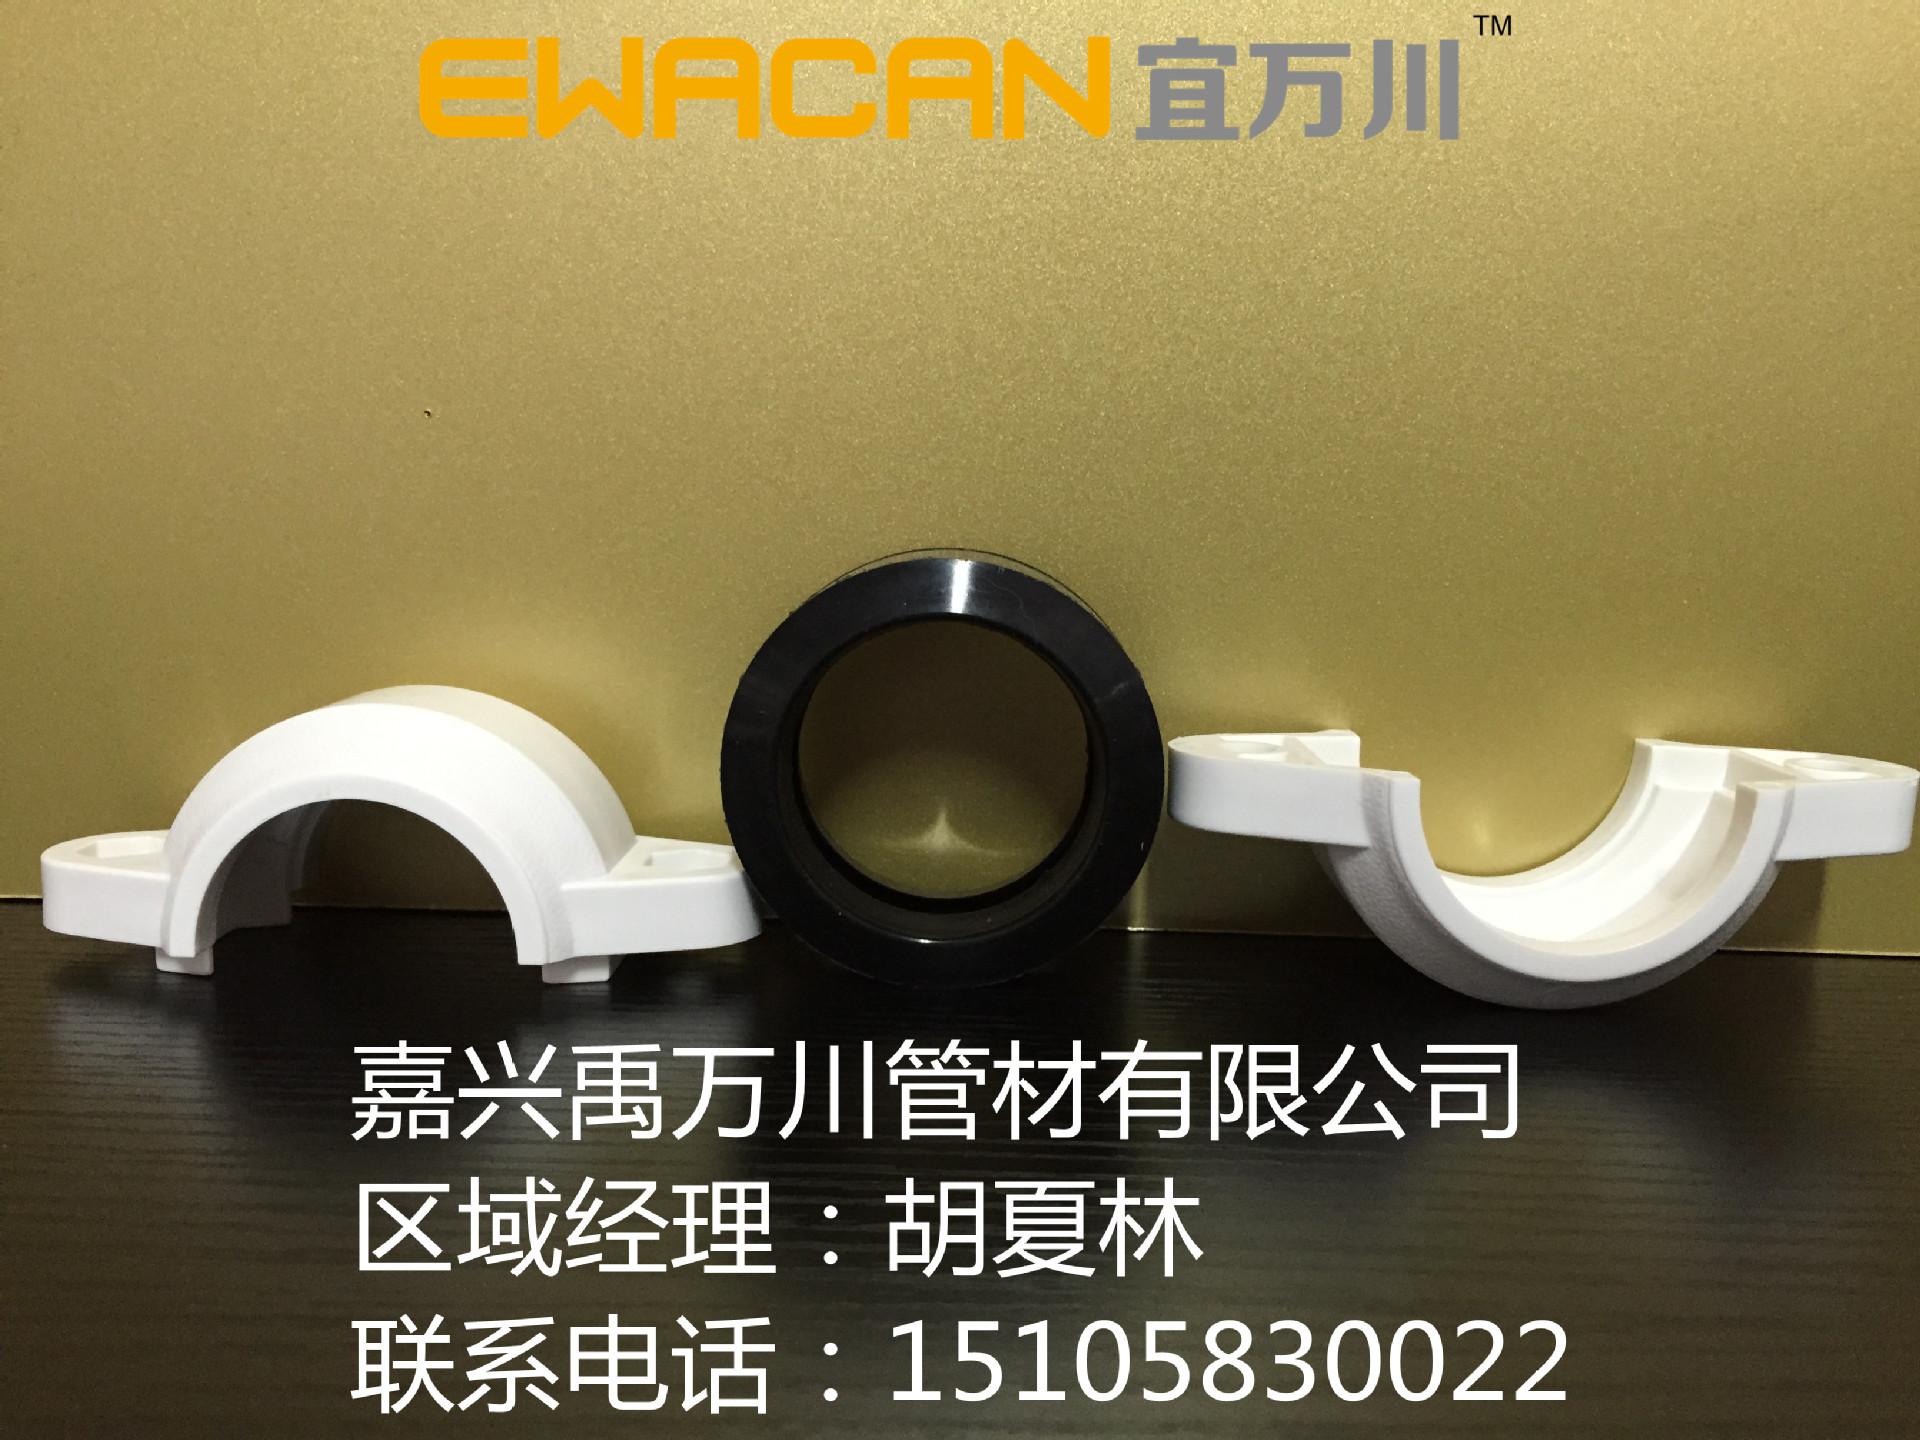 沟槽式hdpe静音排水管,hdpe沟槽管宜万川柔性连接PE管ABS卡箍示例图3